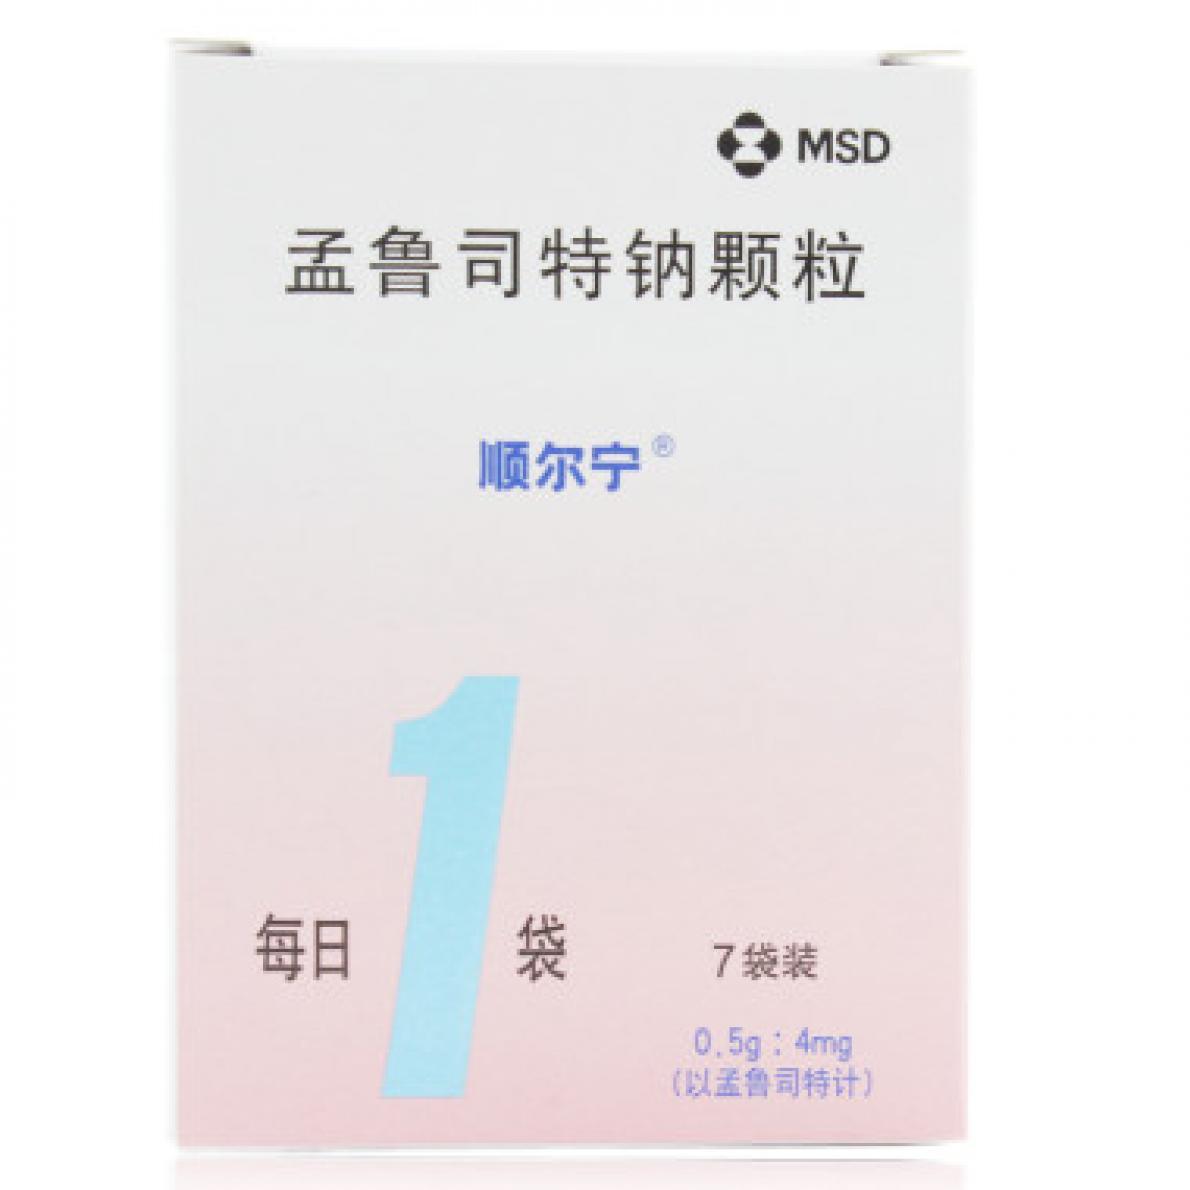 顺尔宁 孟鲁司特钠颗粒 0.5g:4mg*7袋